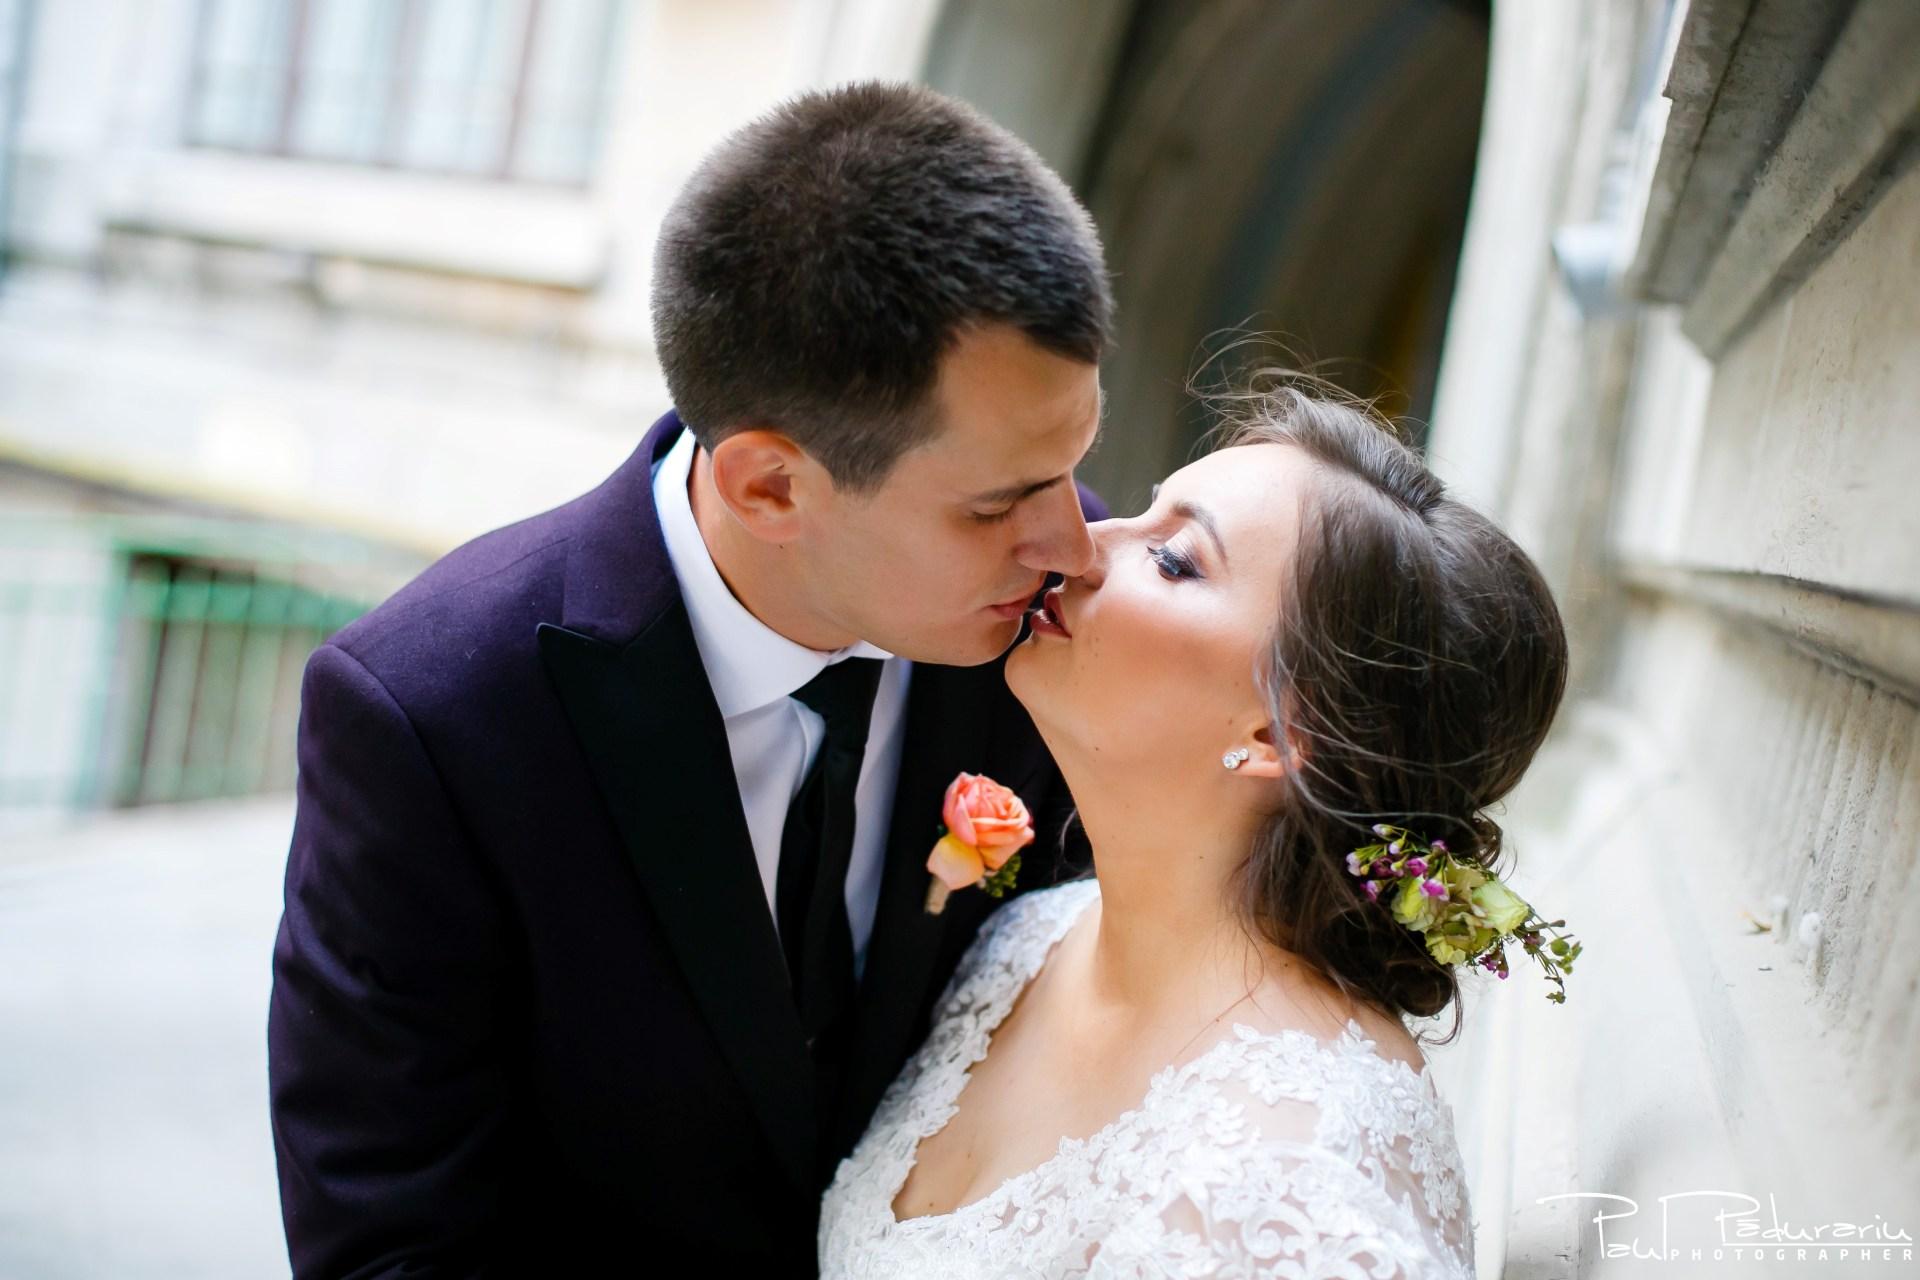 Cristina si Razvan nunta rustica la Bellaria sedinta foto miri 4 fotograf profesionist nunta Iasi www.paulpadurariu.ro © 2017 Paul Padurariu